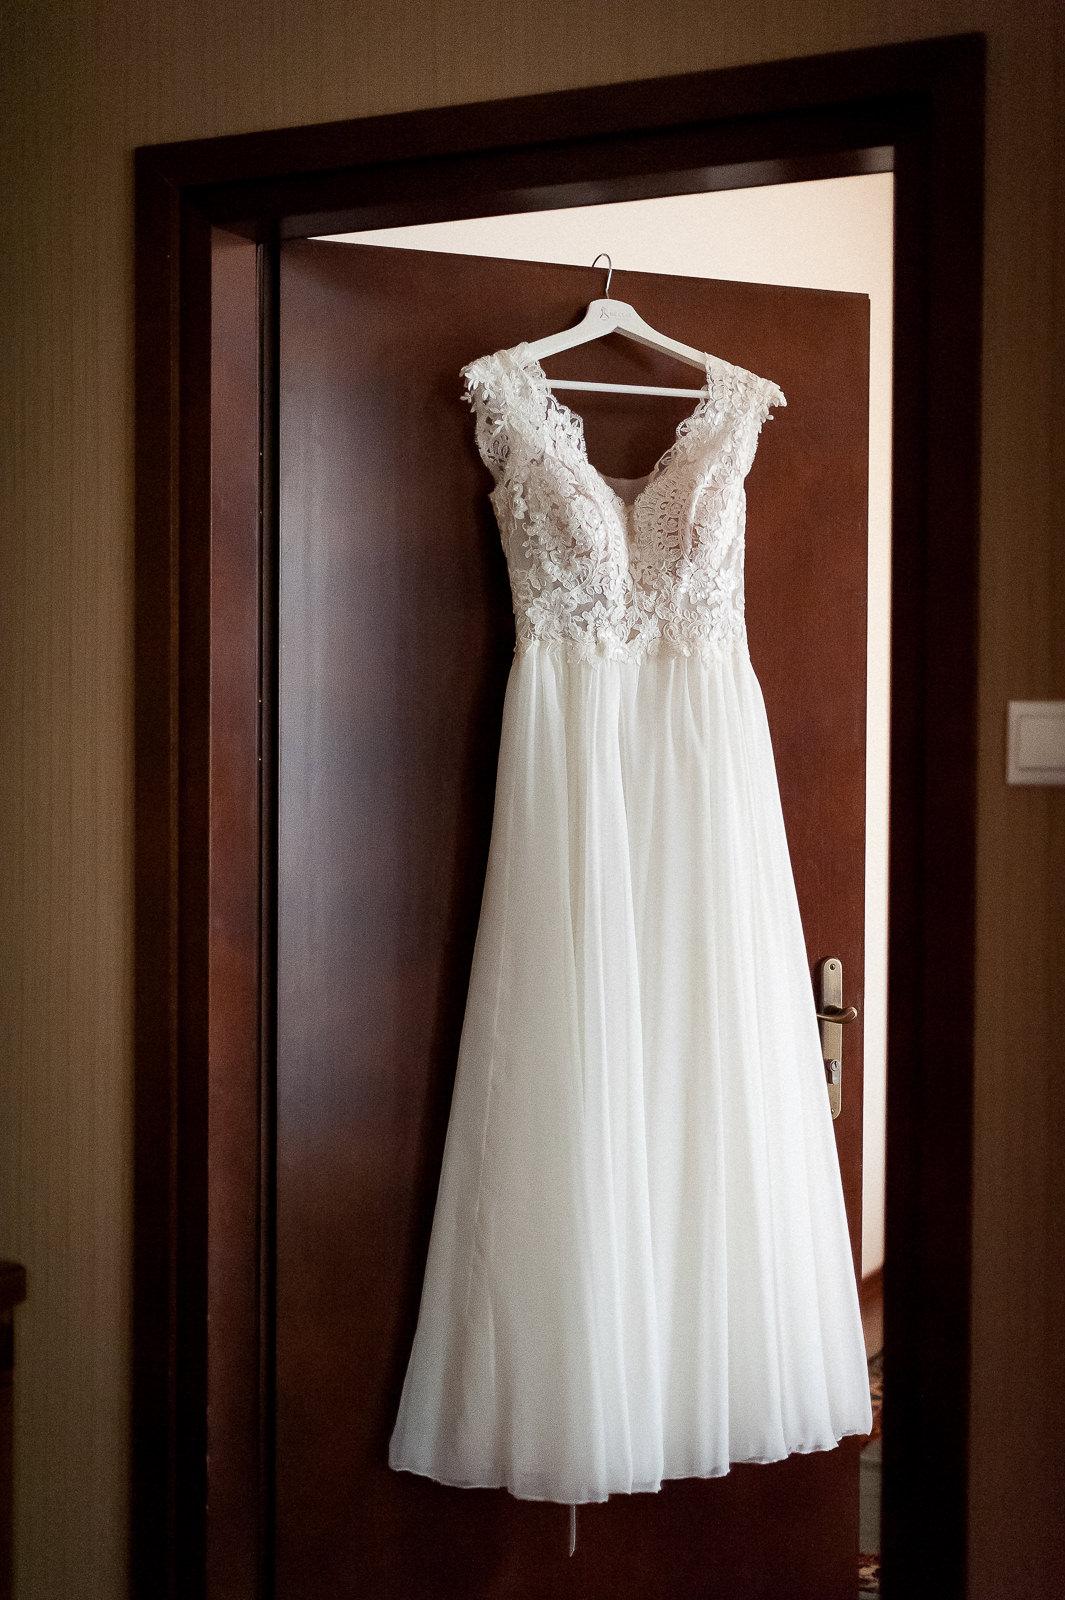 fotografia Sukni ślubnej zawieszonej na drzwiach pokoju wymownie świadczy o podniosłości chwili i o tym co niebawem wydarzy się w życiu dwojga zakochanych w sobie ludzi